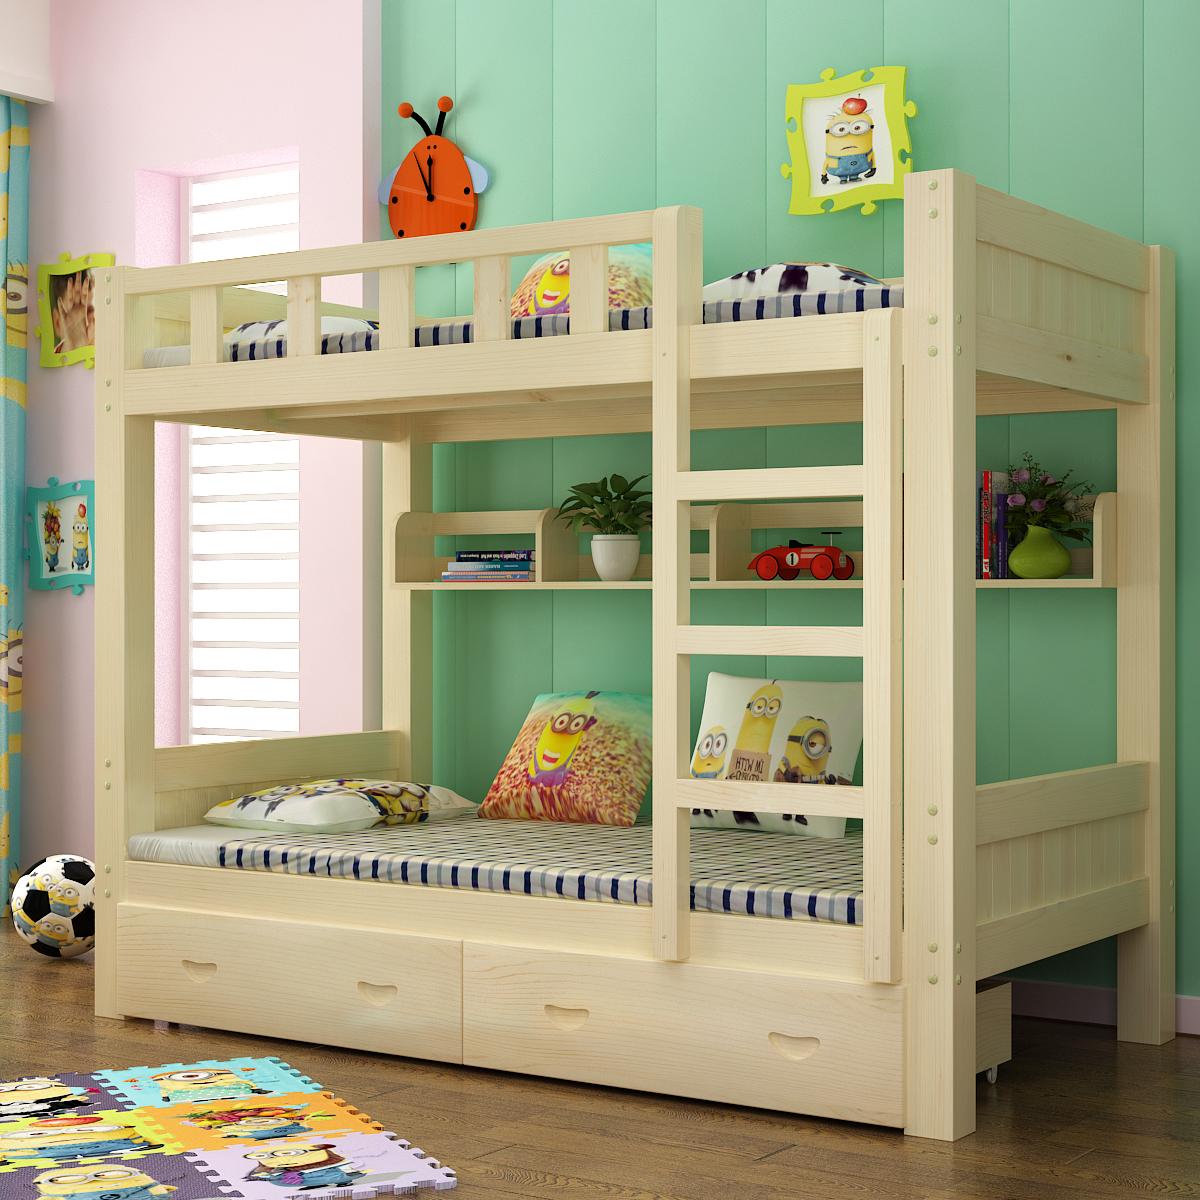 Holz, Holz aus dem Bett Double bed - Bett im schlafsaal für erwachsene Kinder von studenten der moderne, minimalistische